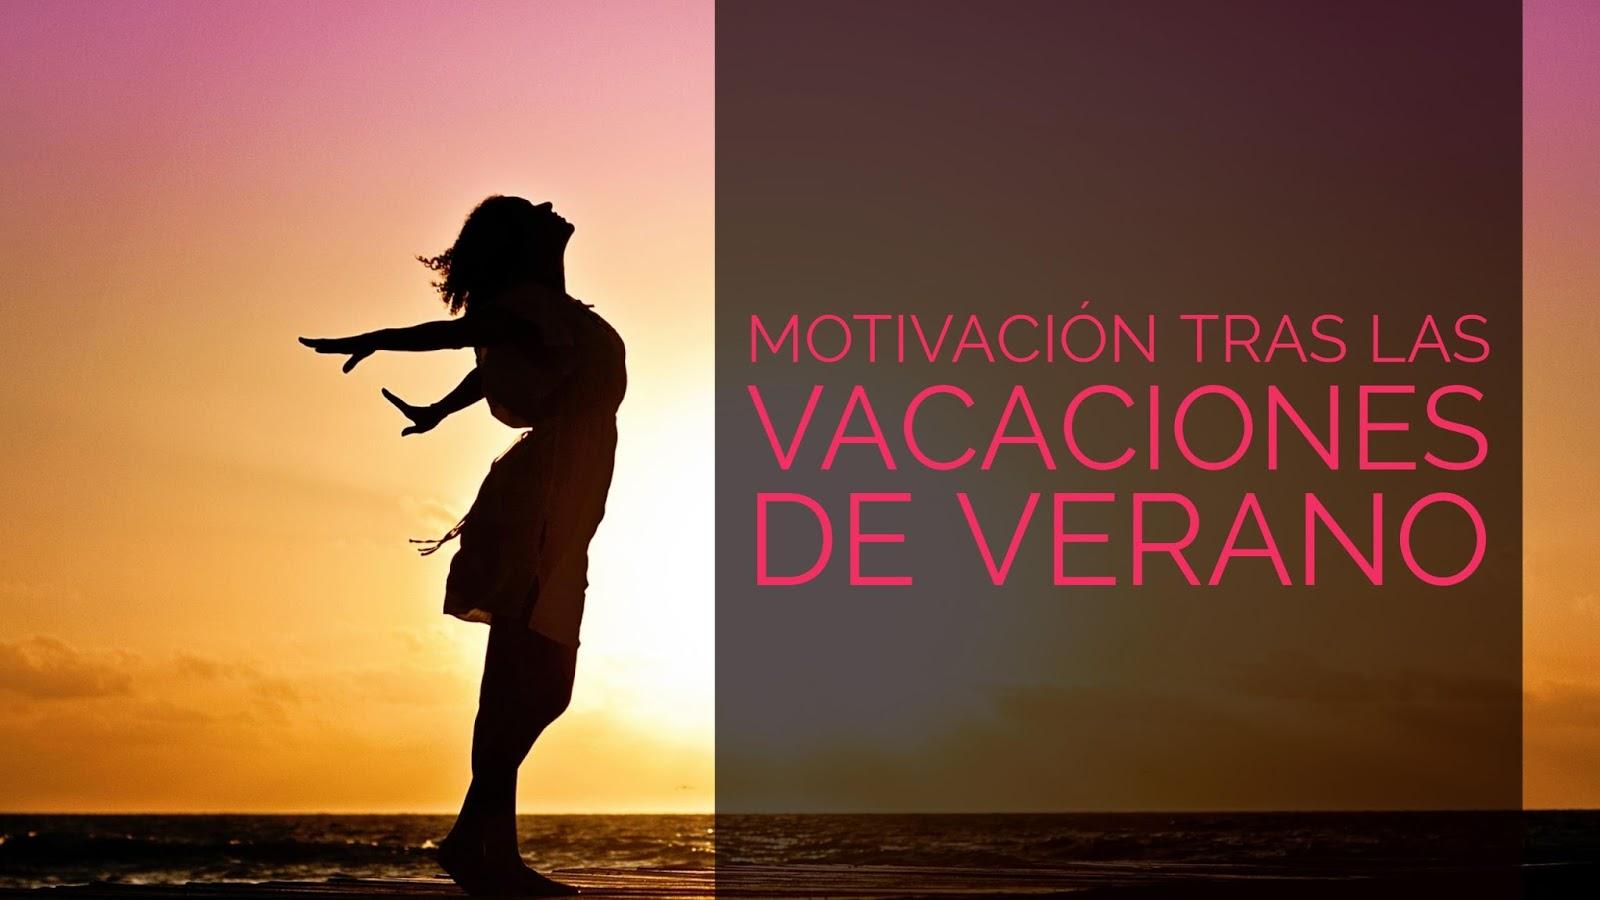 Motivación tras las vacaciones de verano